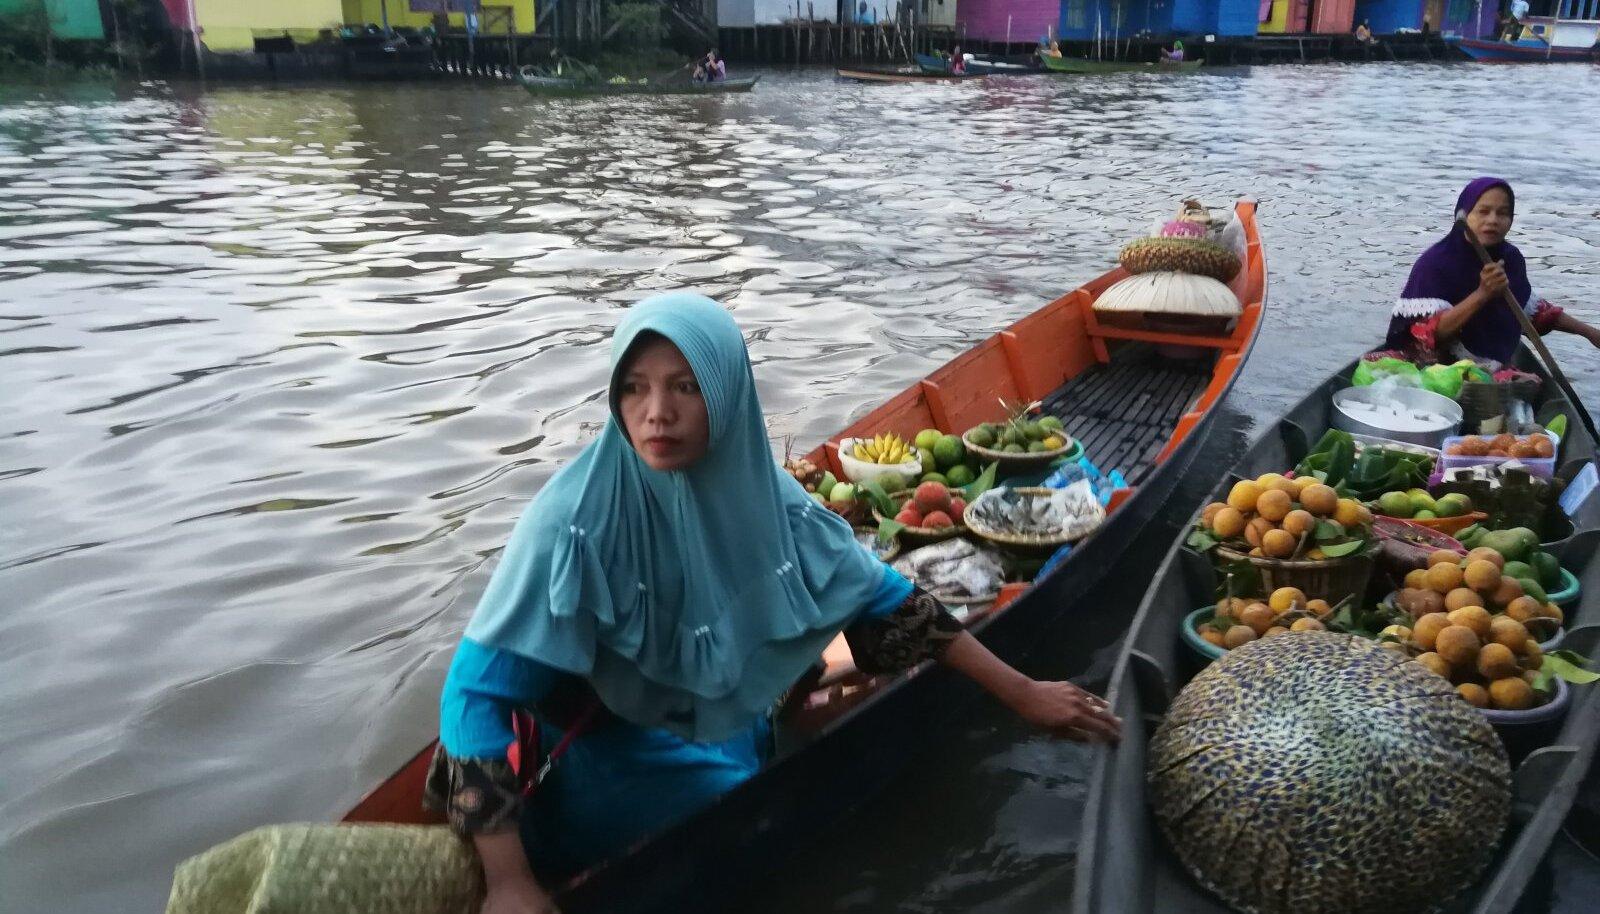 Hommikune jõeturg Kalimantanil.